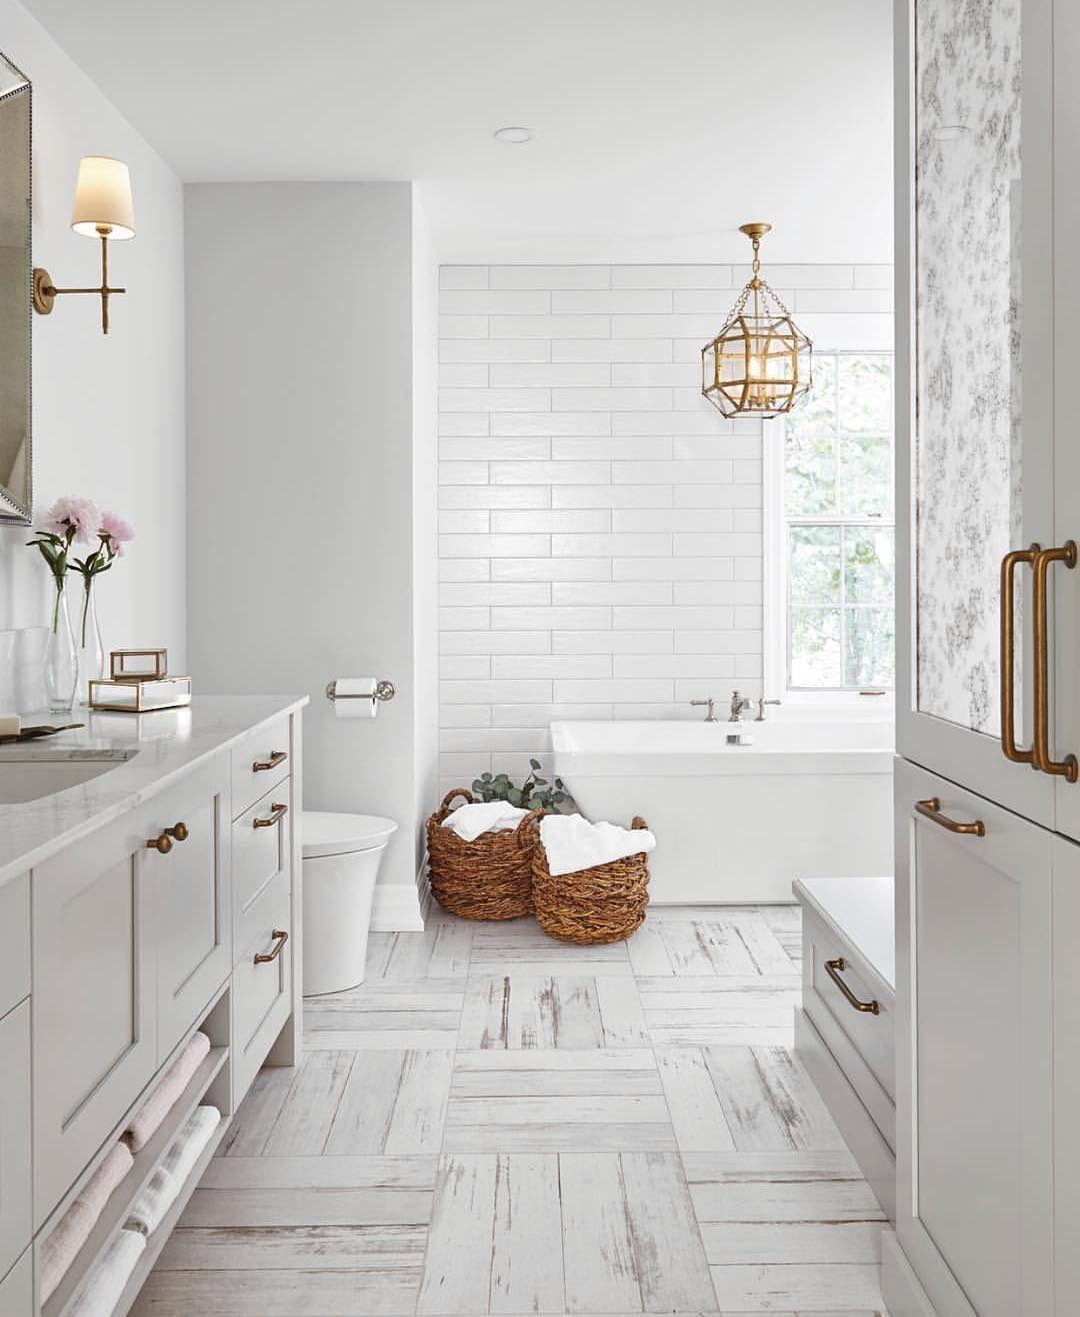 Pin by Nikki Schroeder on 24948 | Pinterest | Bathroom designs, Blog ...